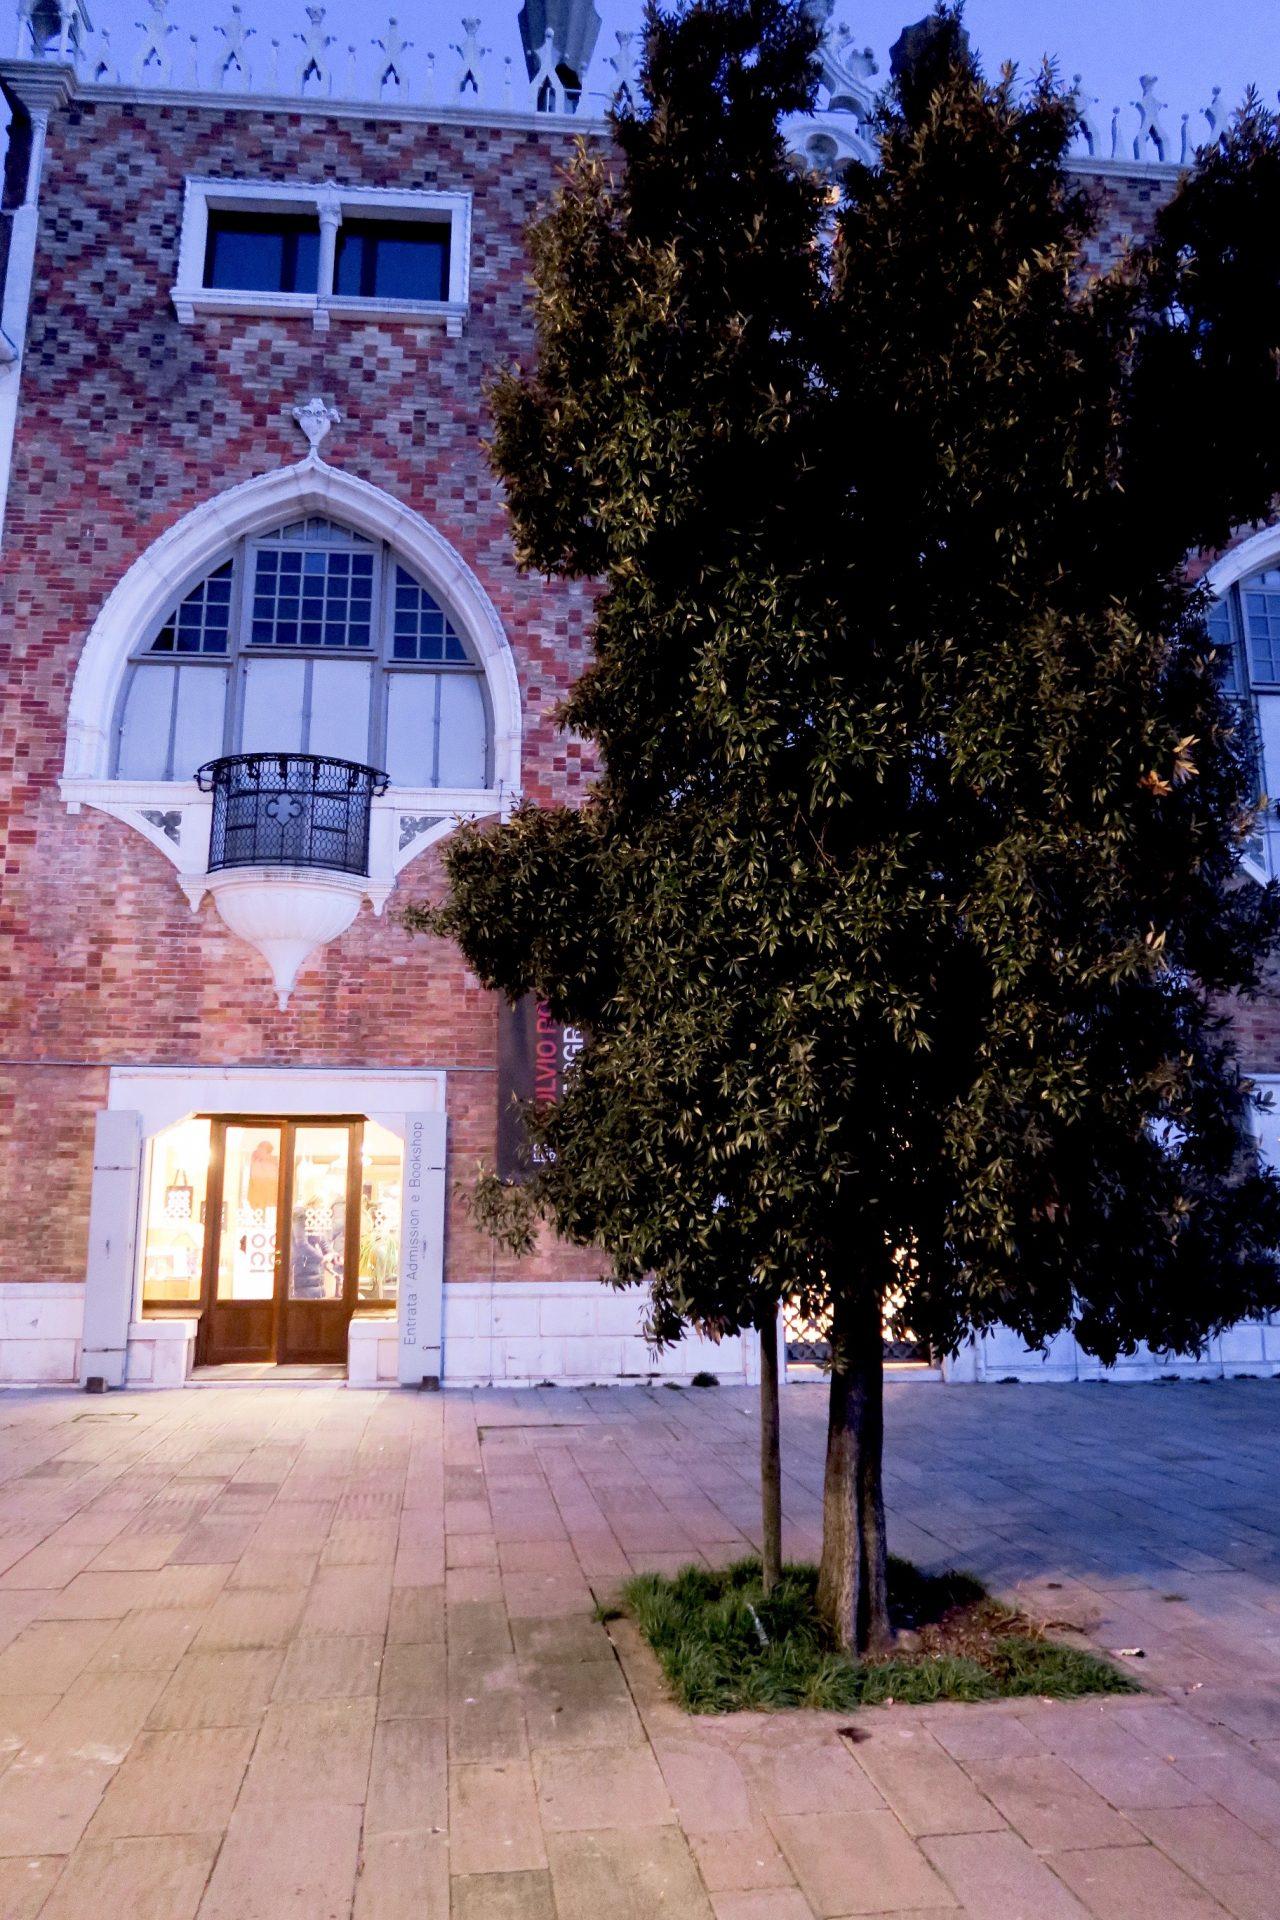 Casa dei Tre Oci Venezia